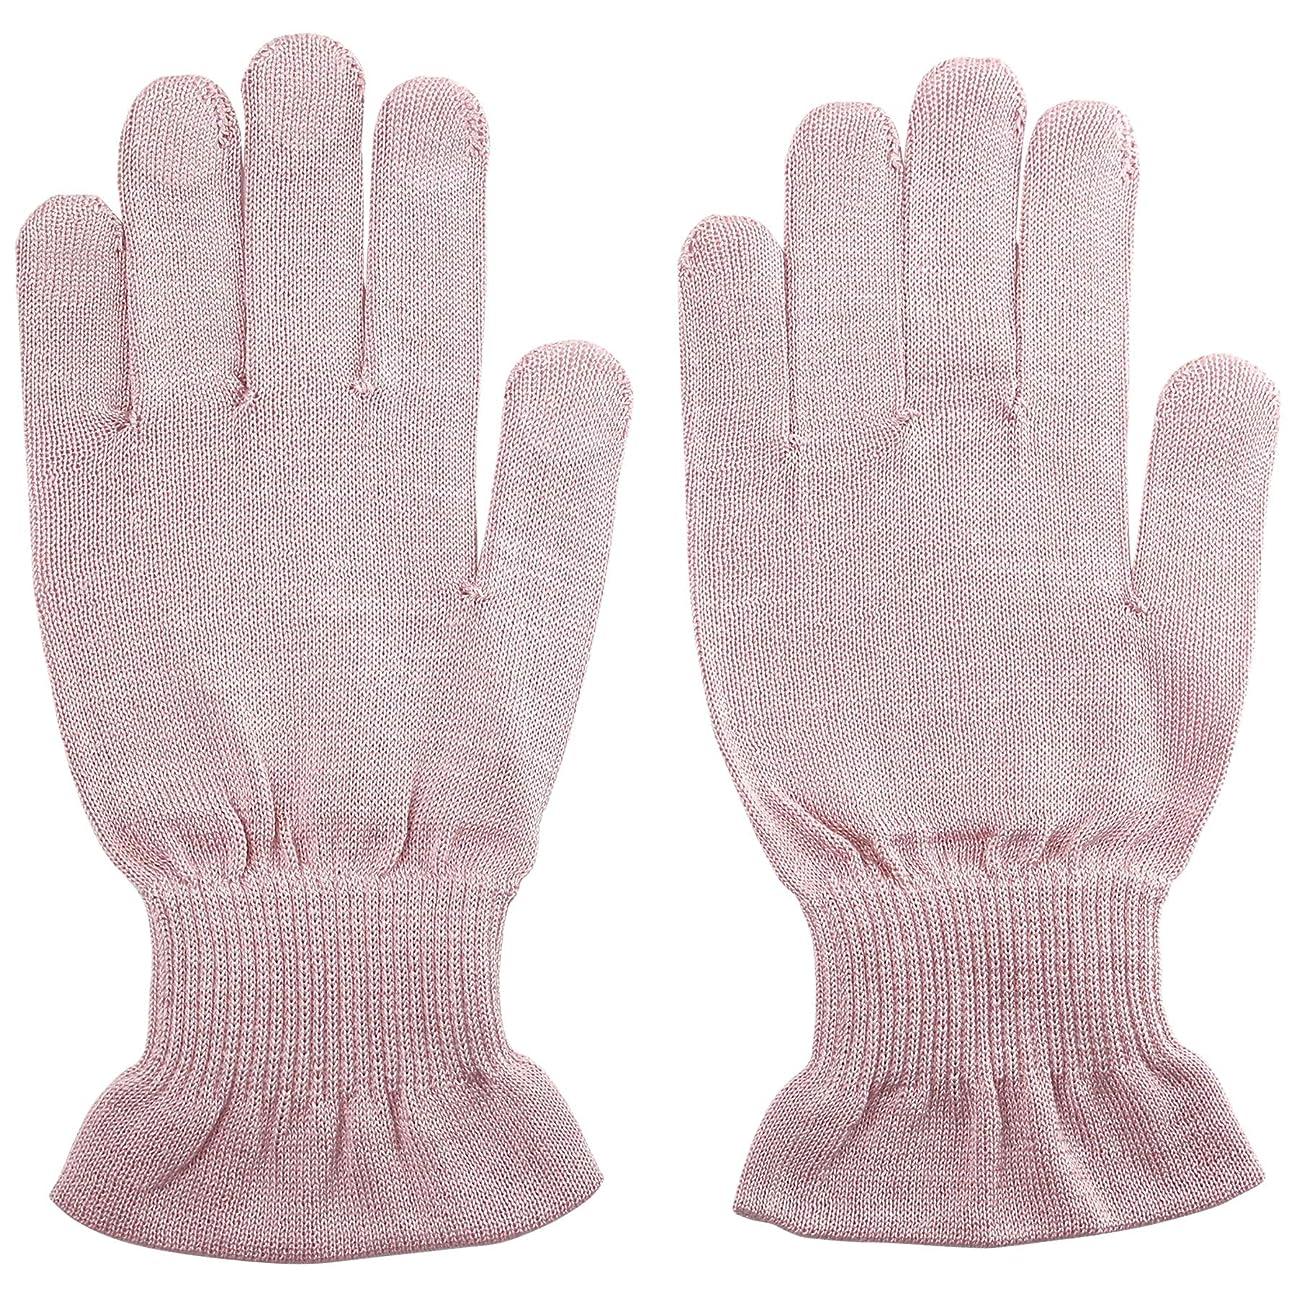 消毒する標準ボール温むすび ハンドケア手袋 【手のひら美人 女性用 M~Lサイズ】 ペールピンク